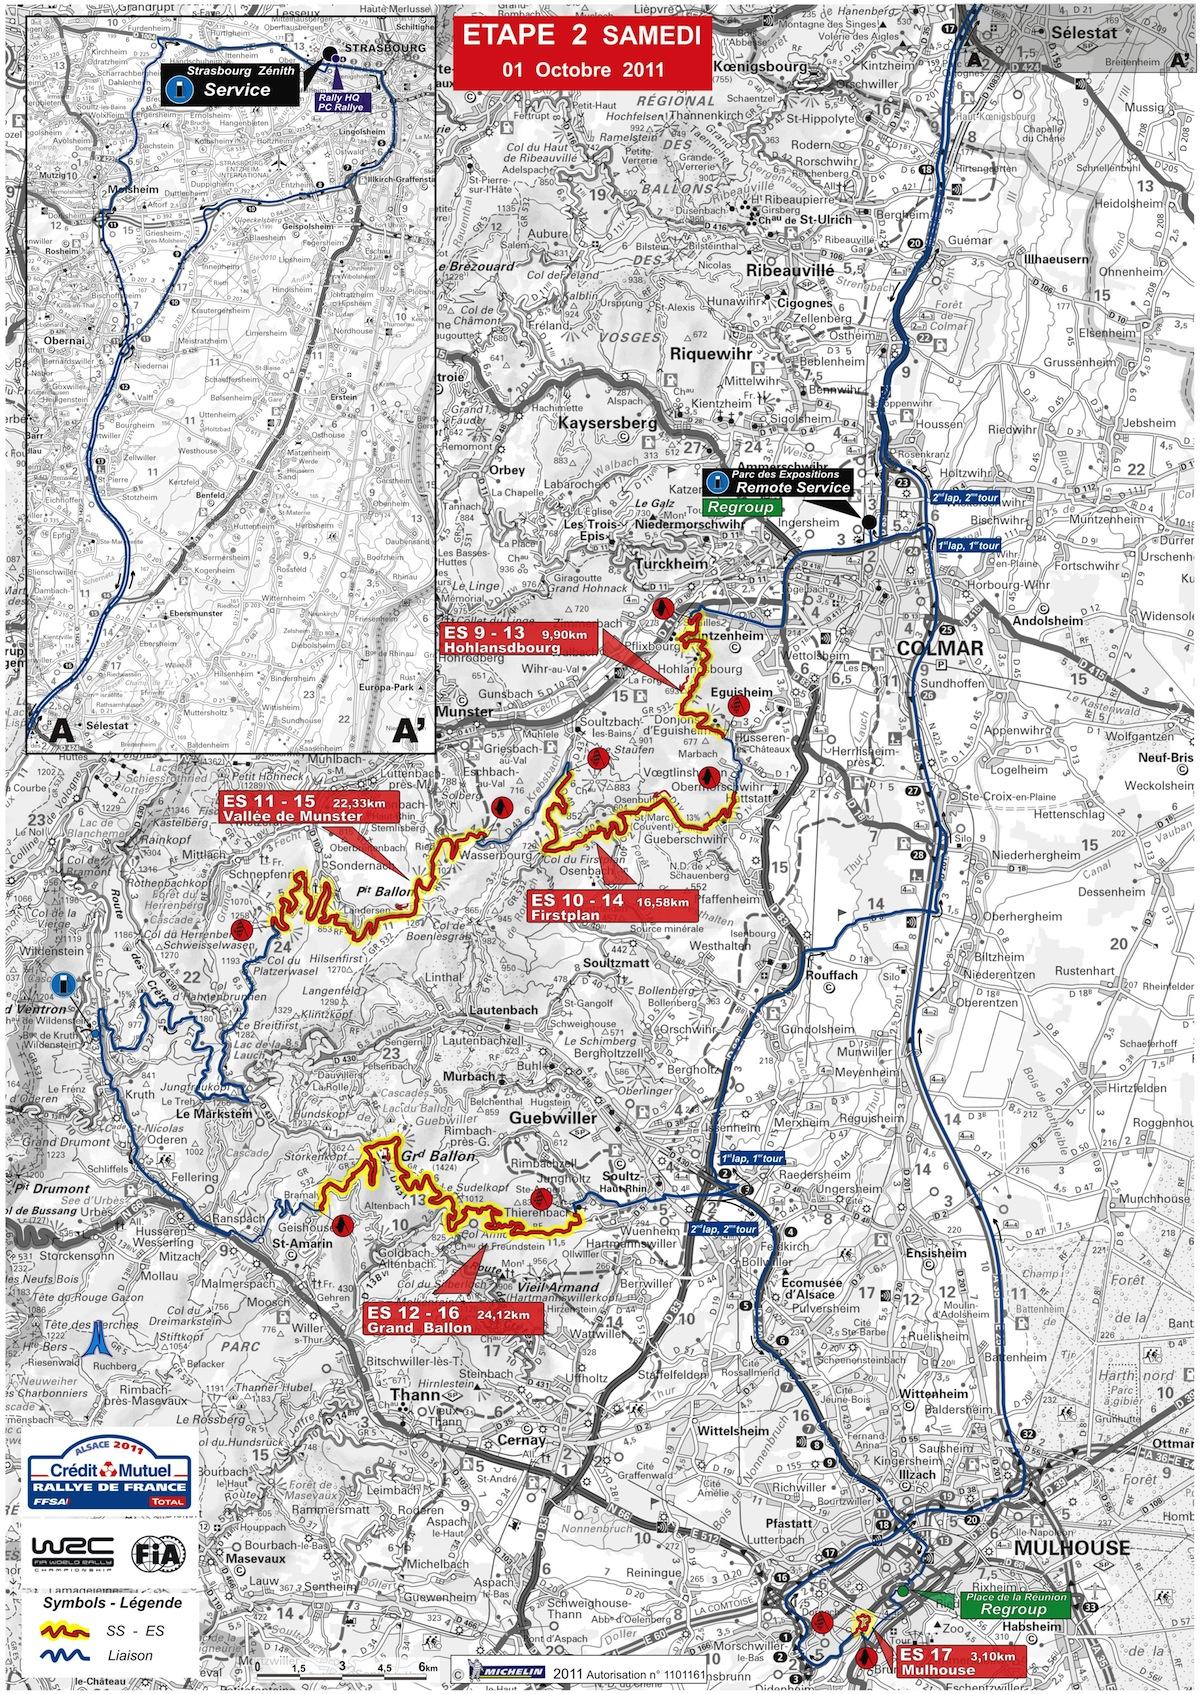 Carte de l'étape 2 du rallye de France 2011